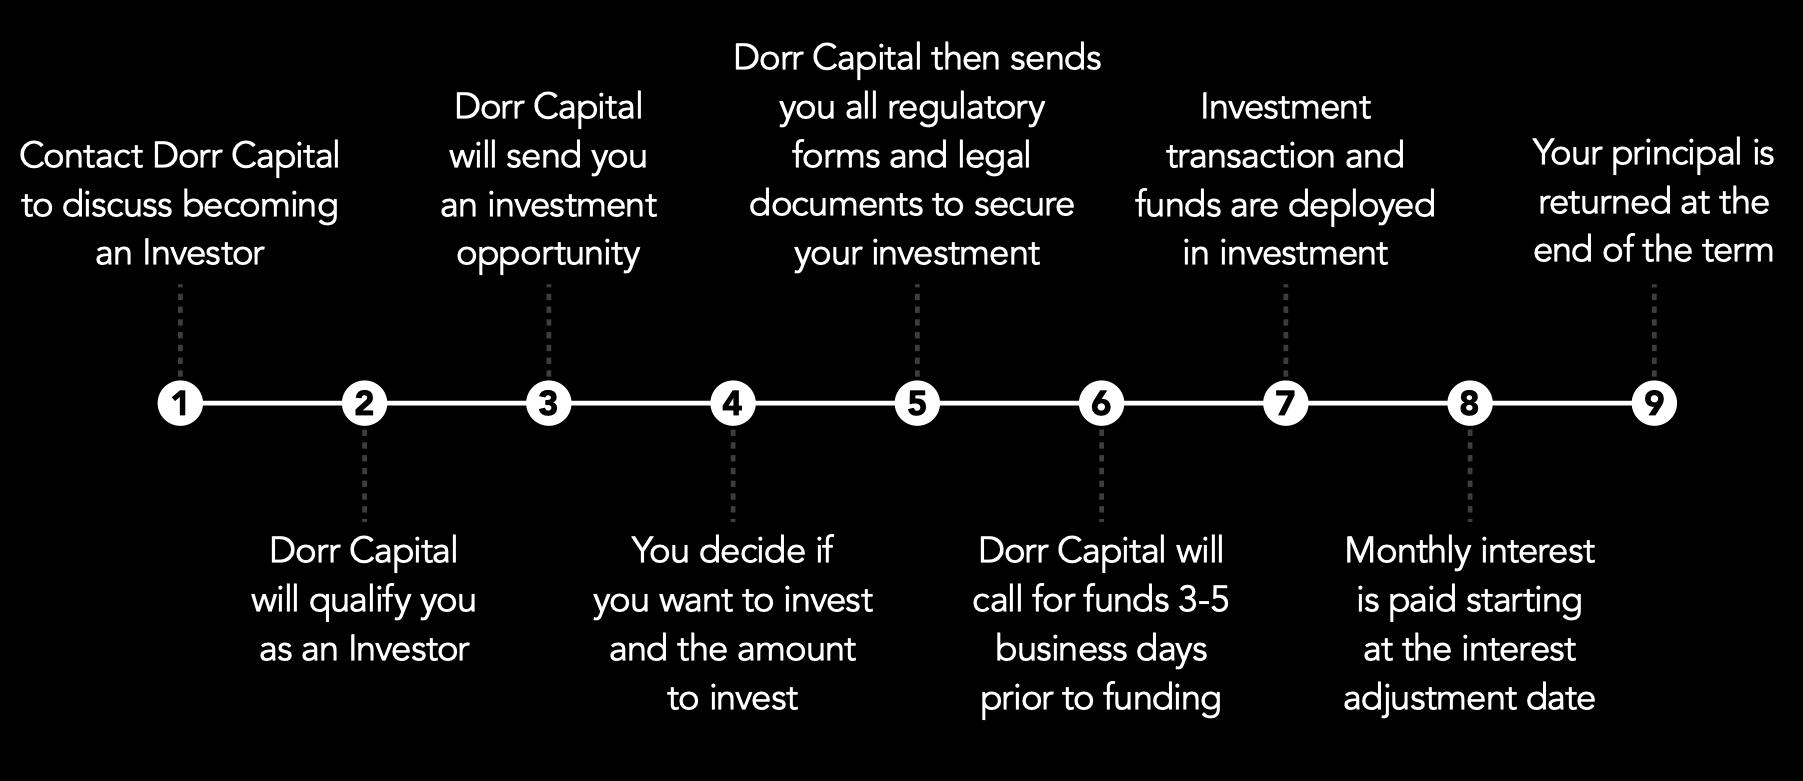 Dorr Capital investment process desktop